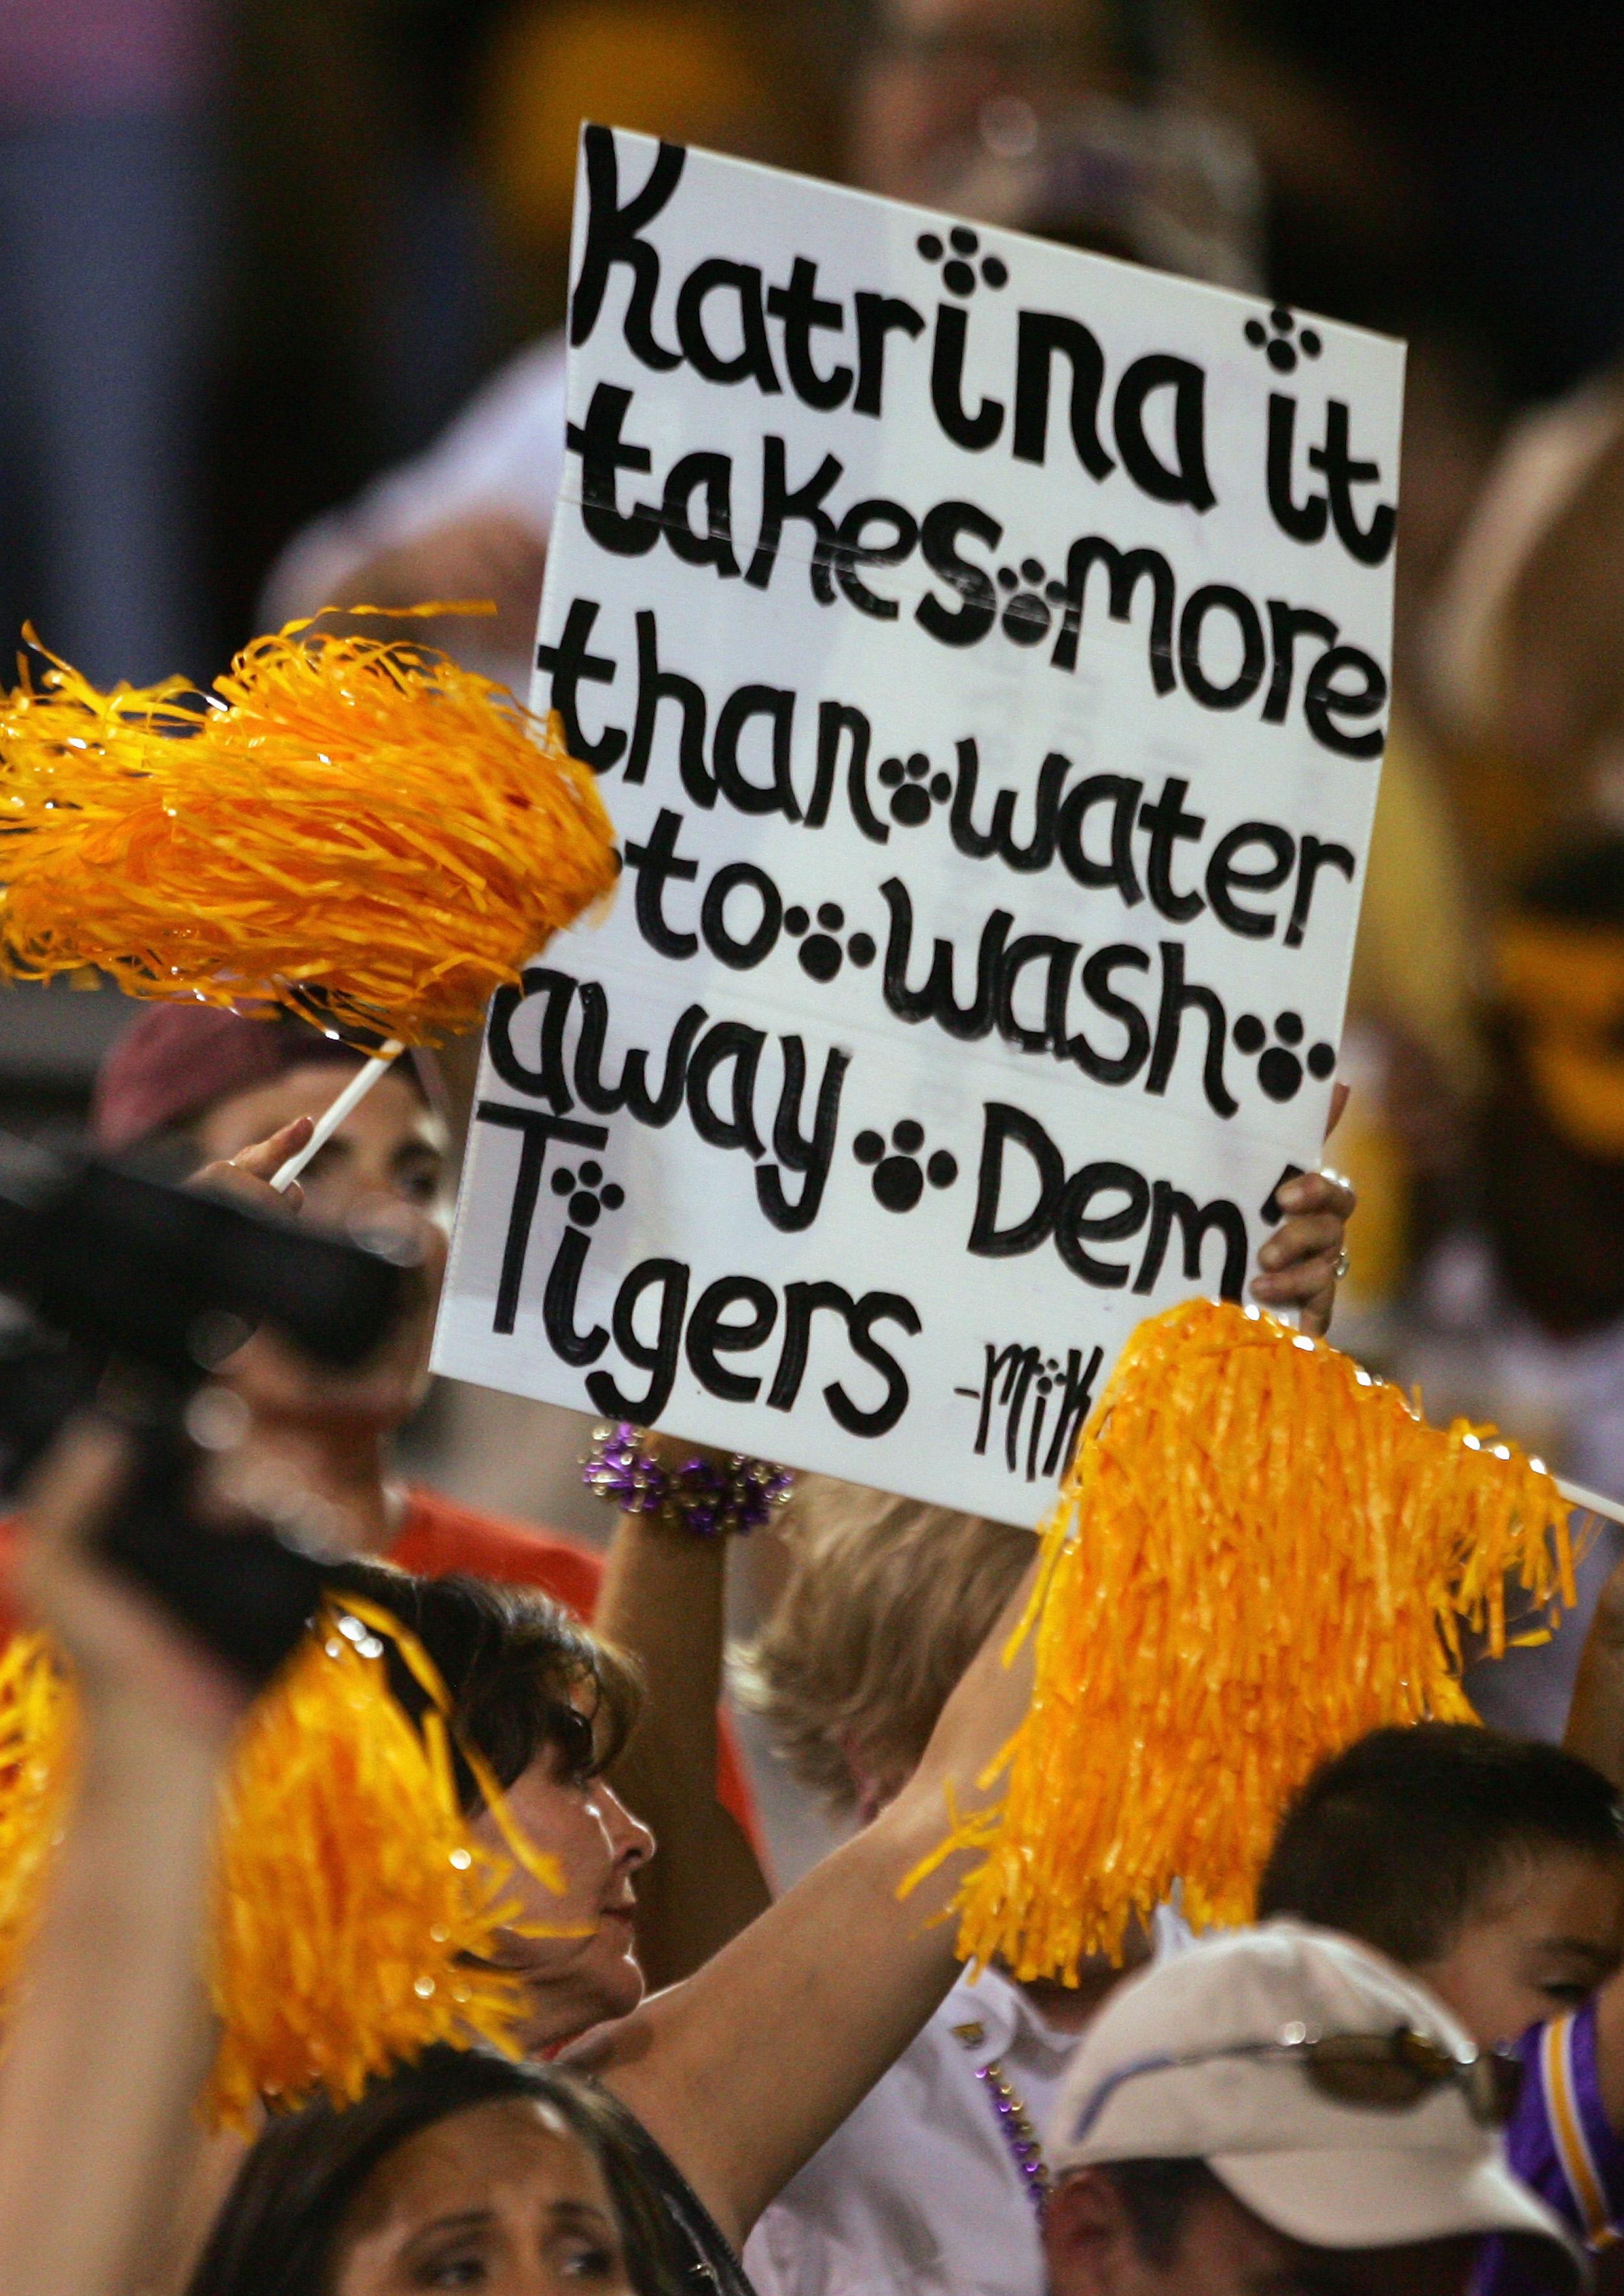 LSU Tigers at Arizona State Sun Devils